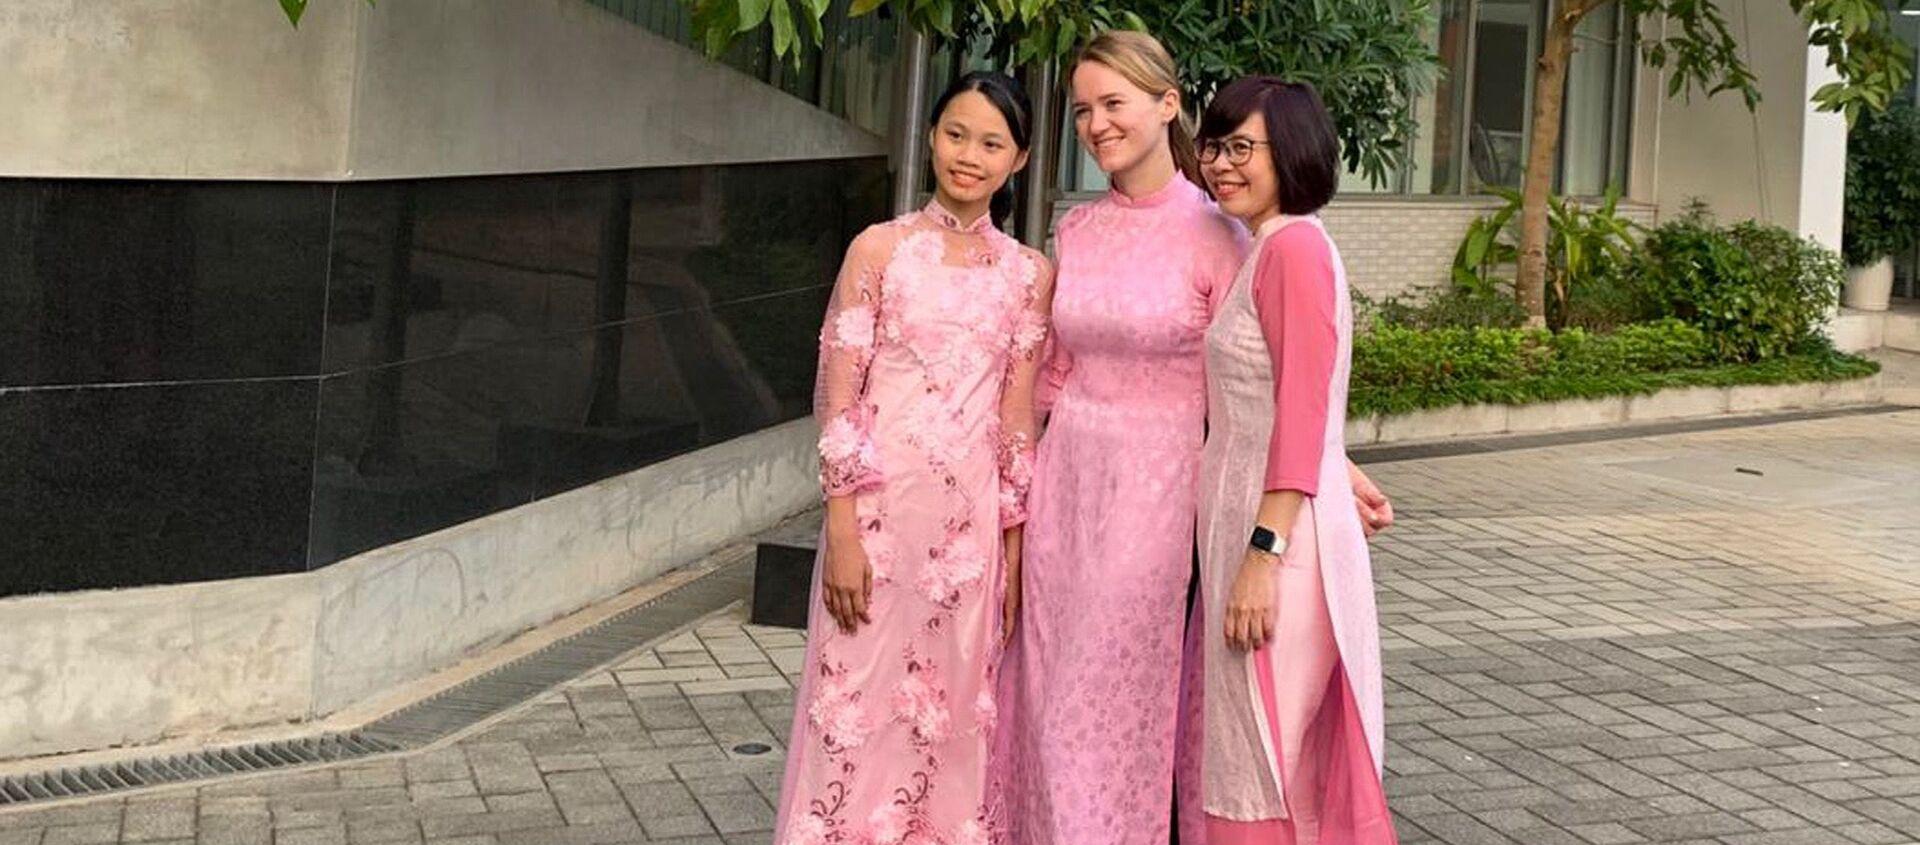 Bà Maria Taruntaeva cùng các đồng nghiệp trong trang phục áo dài truyền thống của Việt Nam - Sputnik Việt Nam, 1920, 08.03.2021